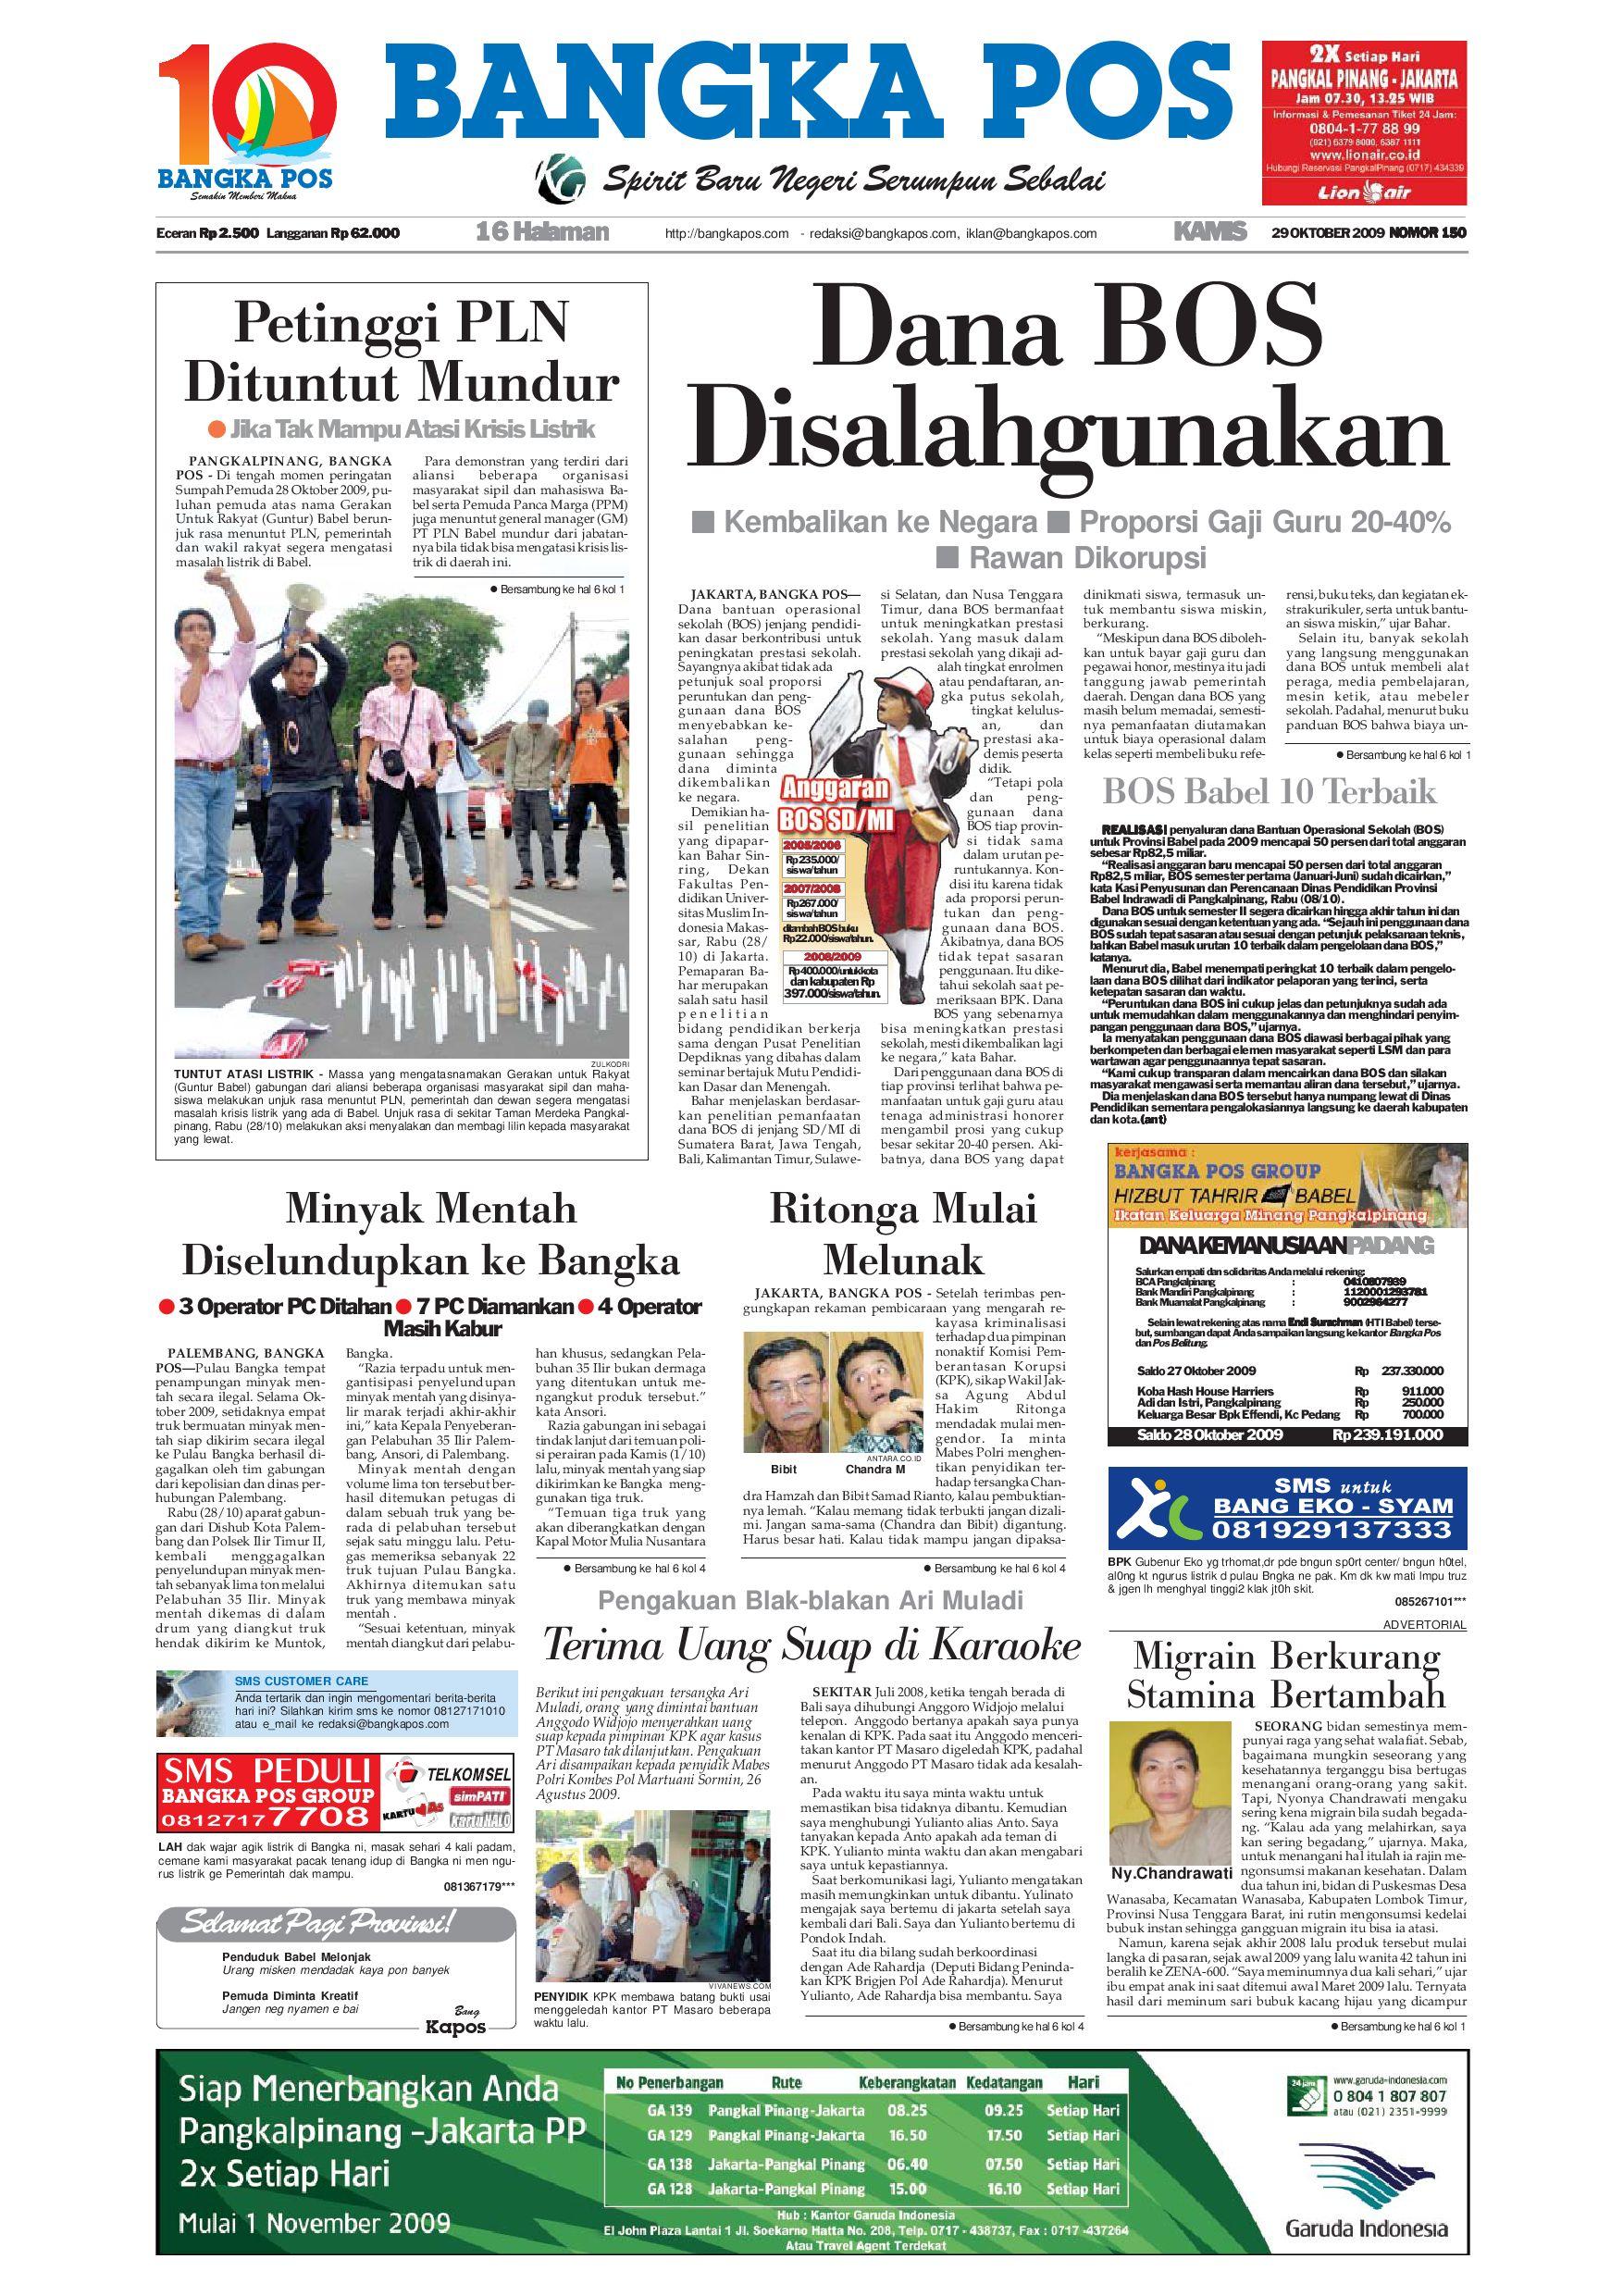 Harian Pagi Bangka Pos Edisi 29 Oktober 2009 by bangka pos - issuu 3b099d7e7c